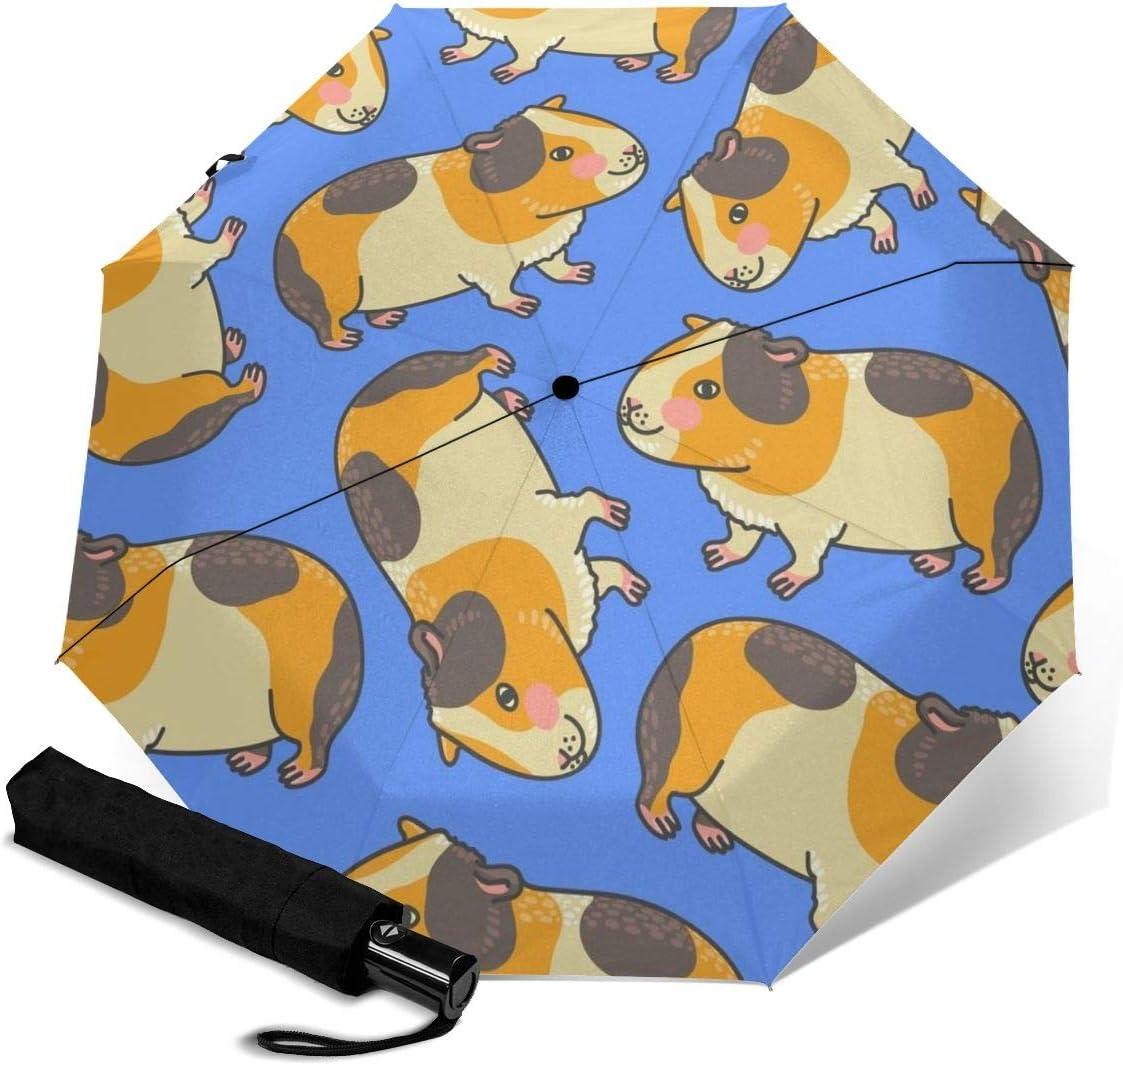 Cute Dibujos Animados Conejillo de Indias con un Rubor Paraguas de Viaje para Mujeres, sombrillas para Mujeres, Paraguas compactos para Lluvia y operación con una Sola Mano